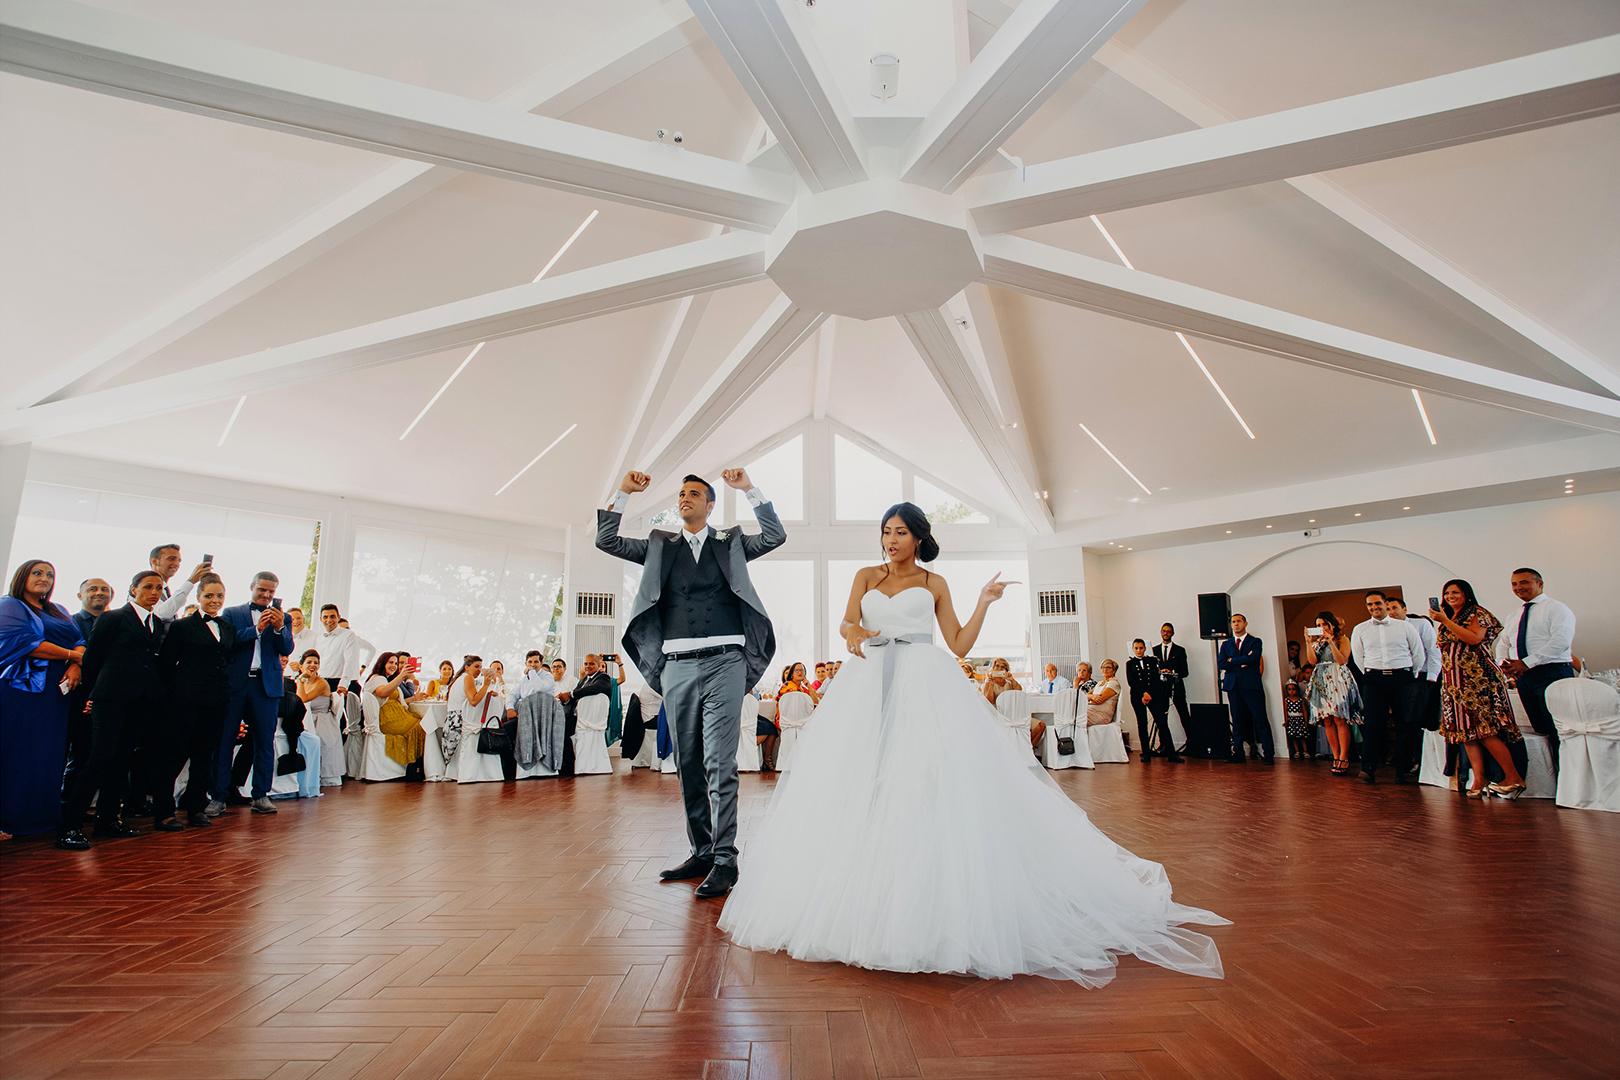 52 gianni-lepore-wedding-fotografo-torre-andriana-sala-foggia-ballo-stile-americano-sposi-bride-groom